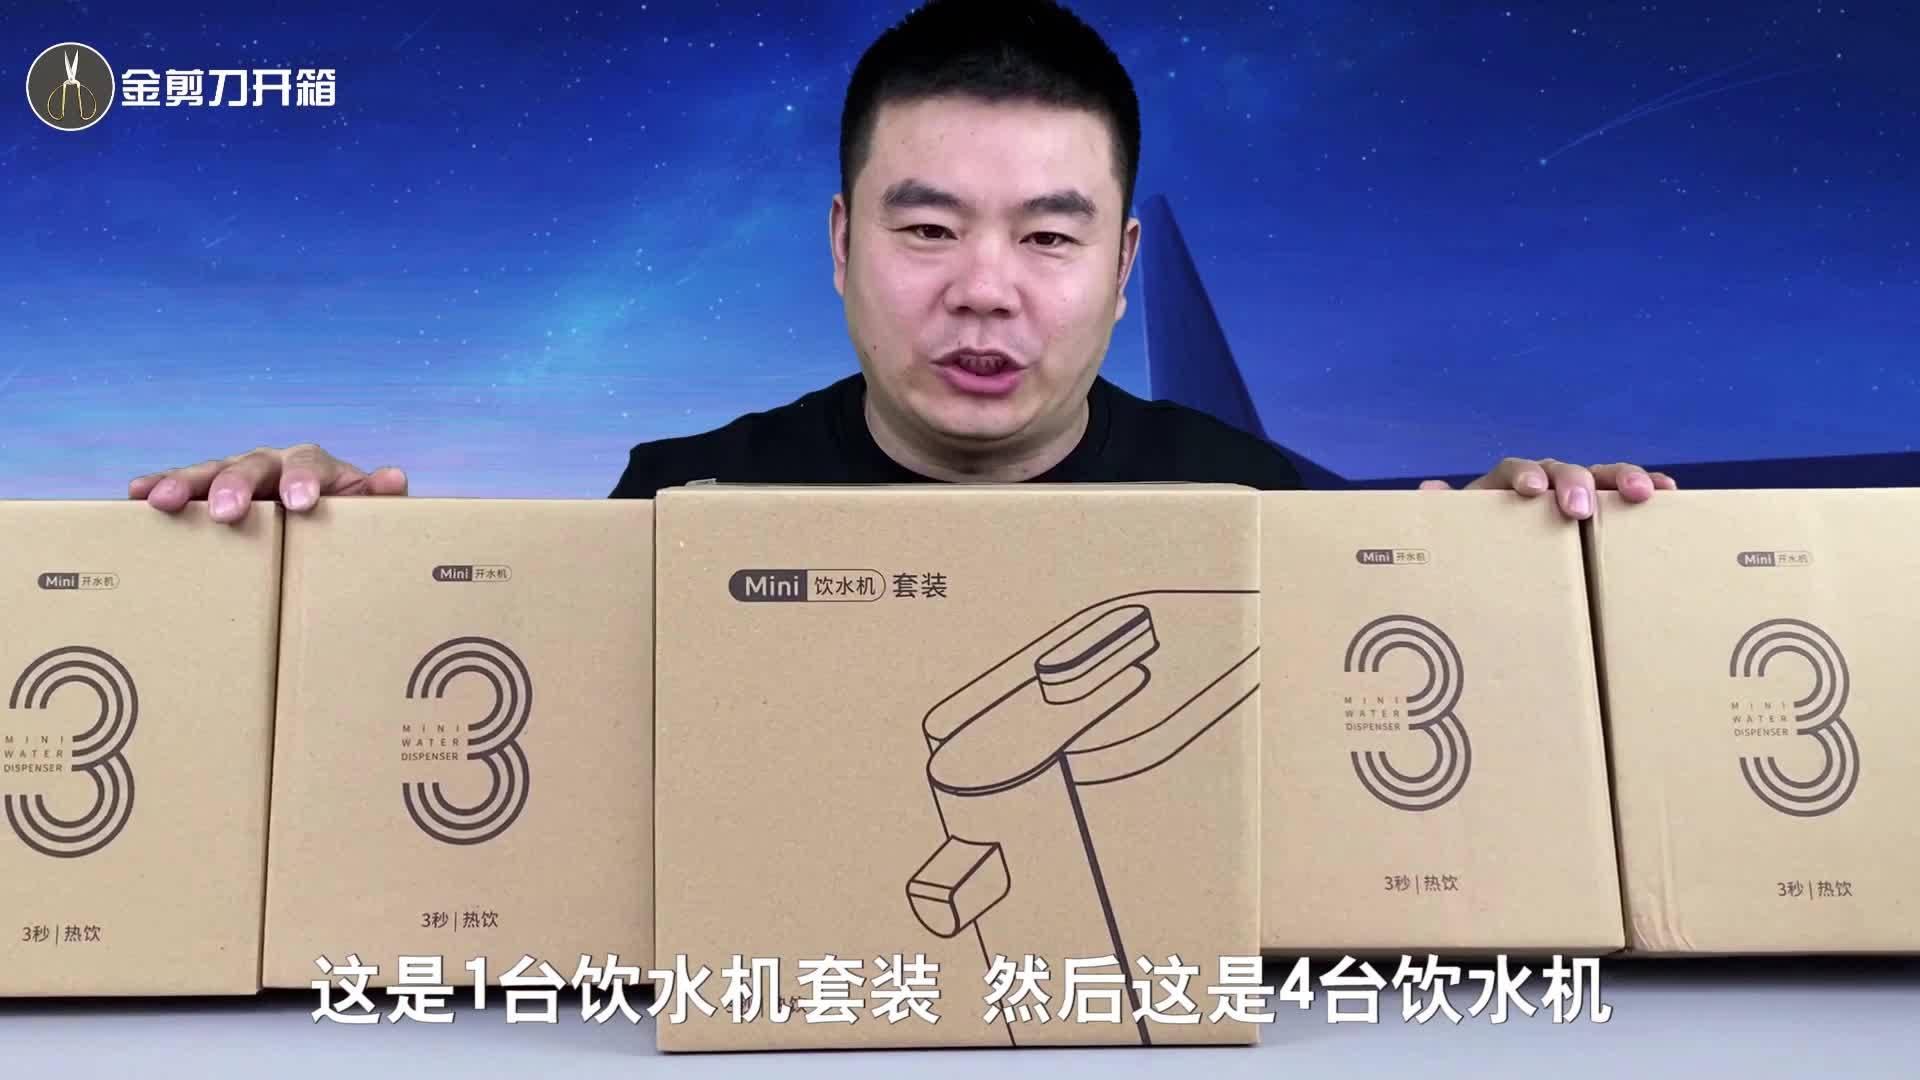 小伙一次买5台,网红mini饮水机,巴掌大小,到底有什么独特之处?